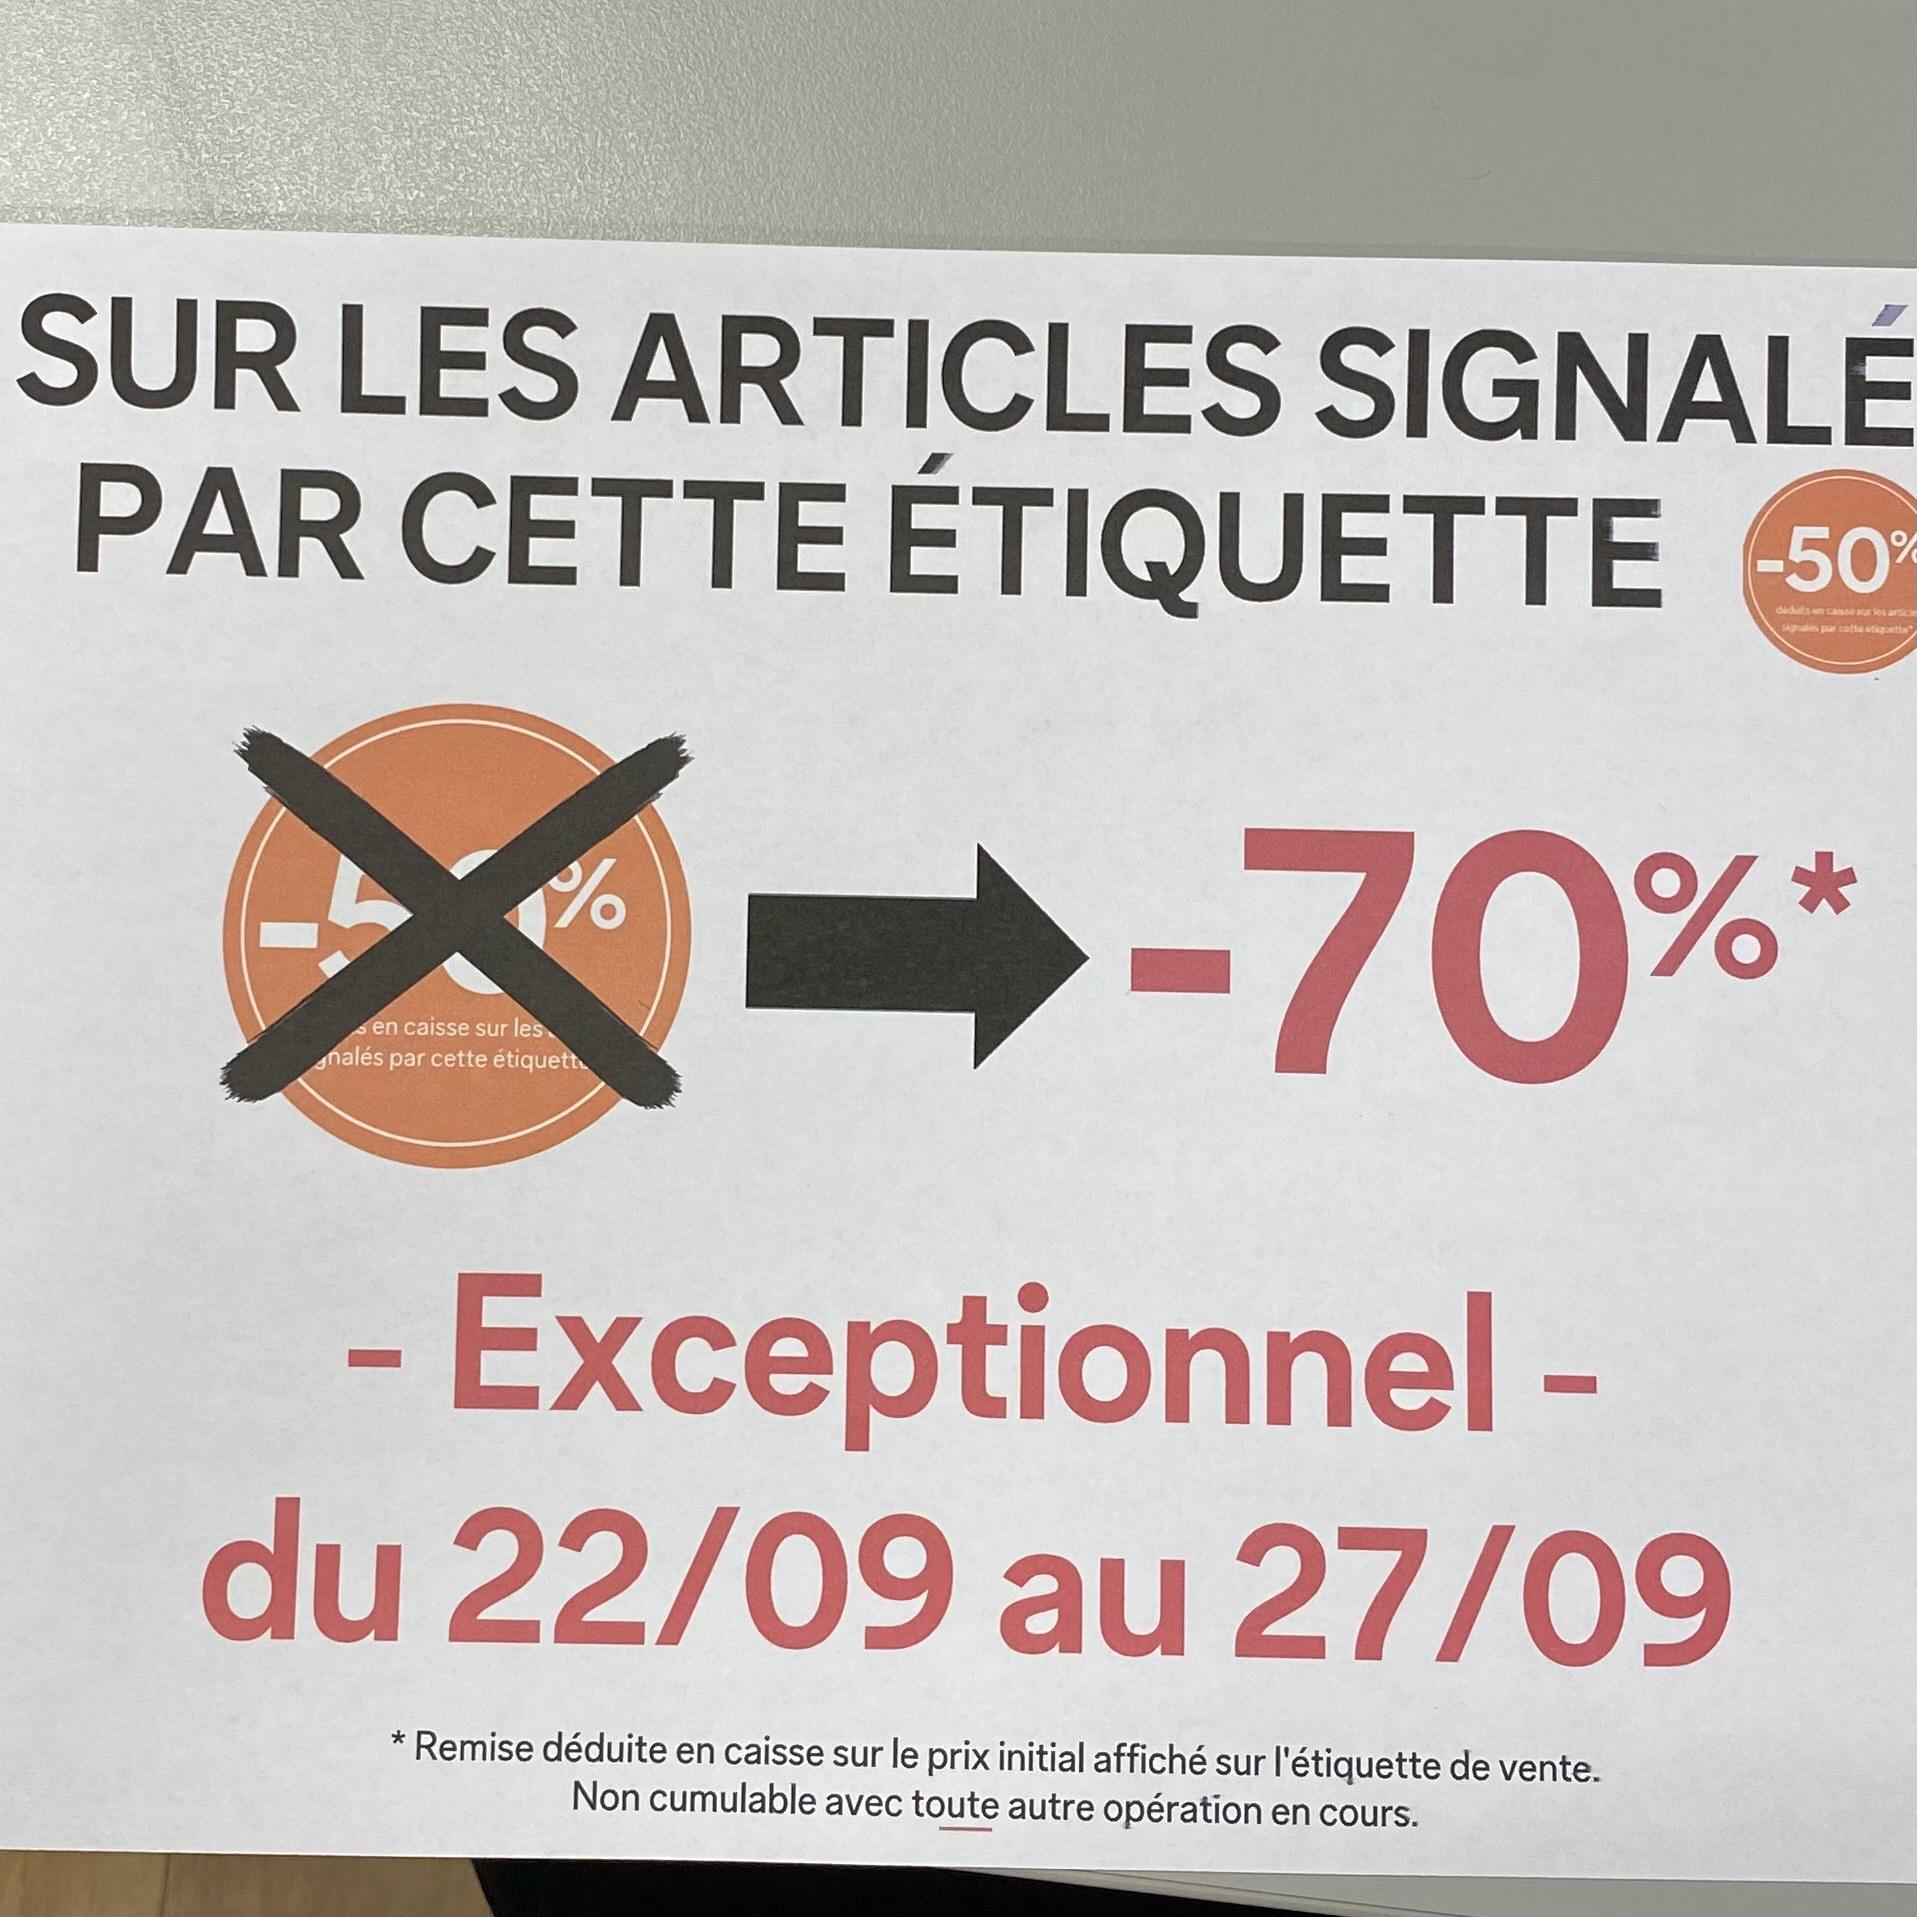 50% passe à -70% de réduction sur une sélection d'articles déjà remisés - Saint Quentin en Yvelines (78)